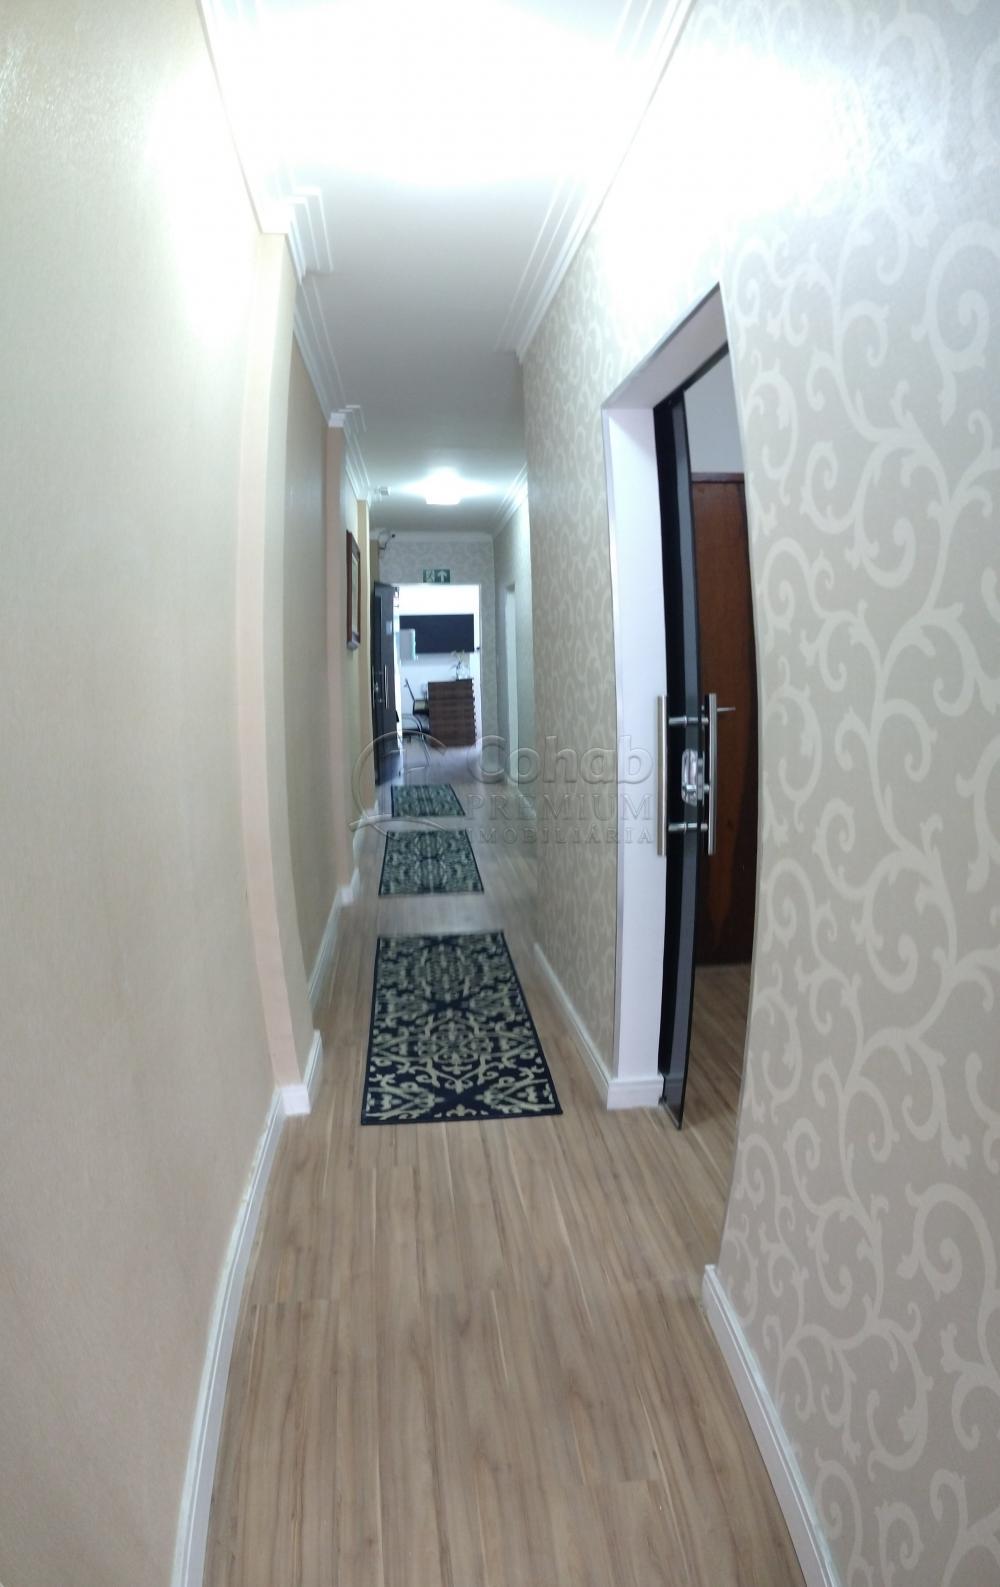 Alugar Comercial / Ponto Comercial em Aracaju apenas R$ 8.000,00 - Foto 14